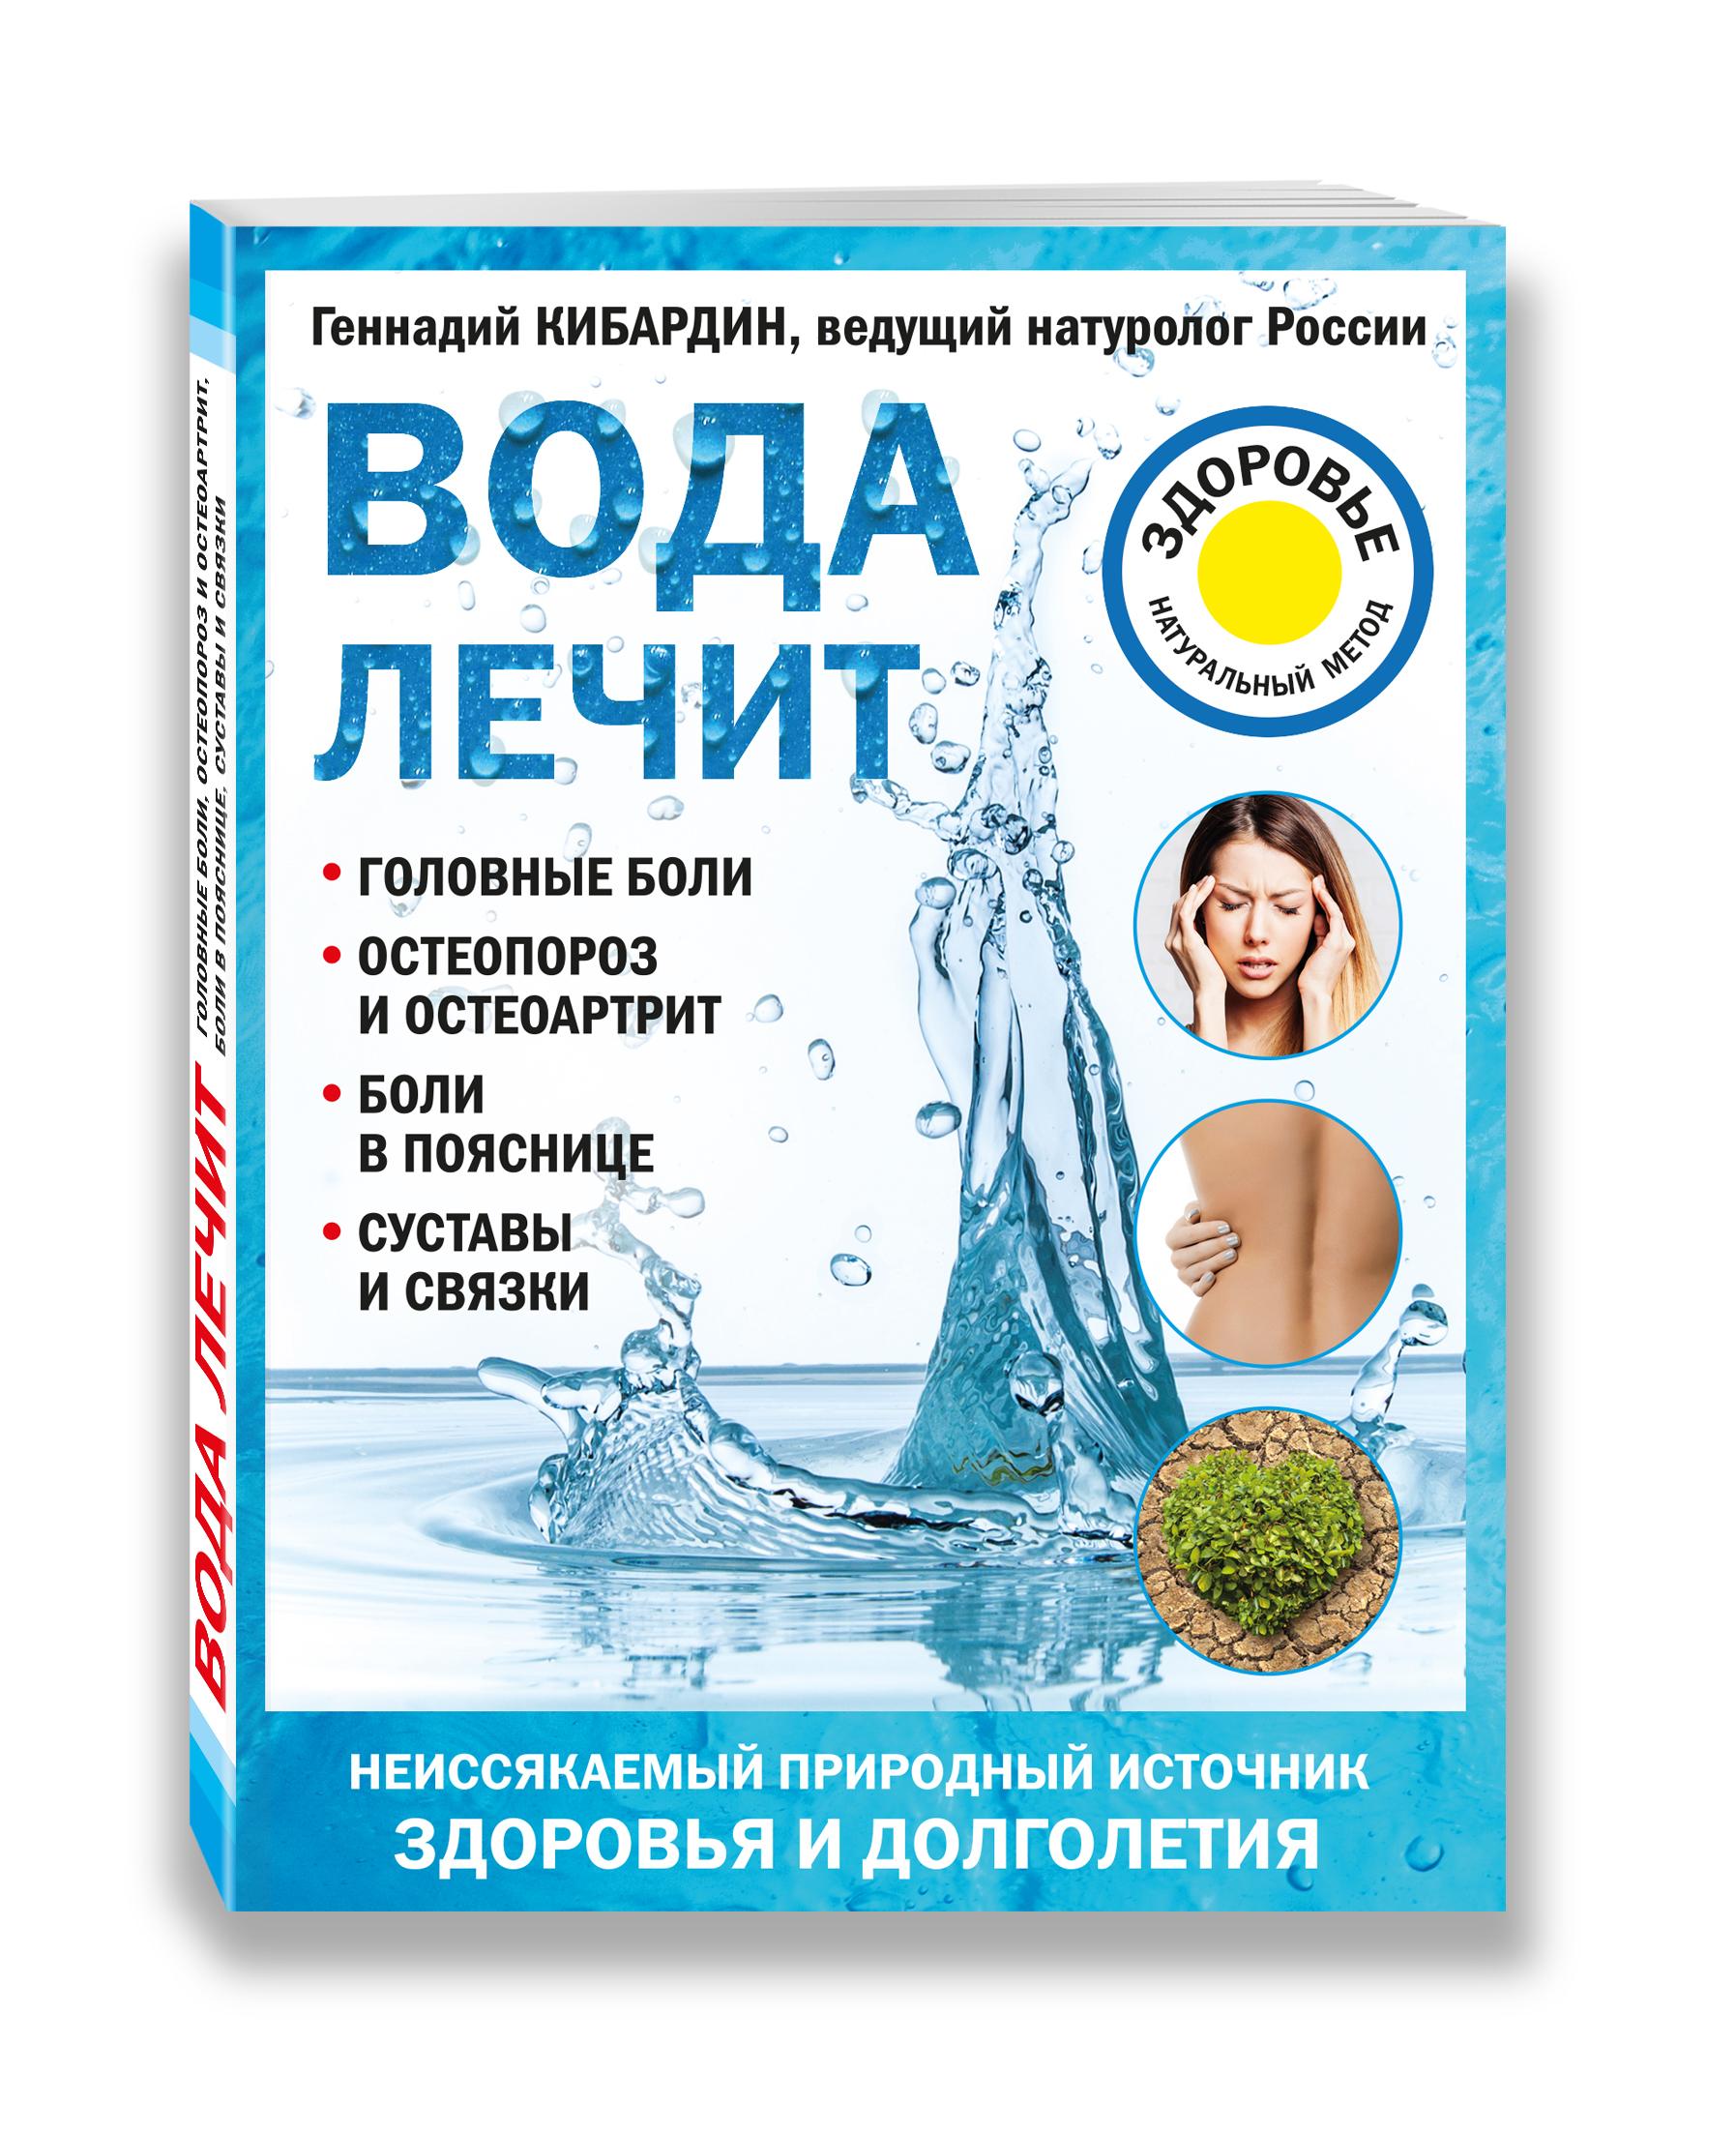 Вода лечит: головные боли, остеопороз и остеоартрит, боли в пояснице, суставы и связки ( Кибардин Г.М.  )